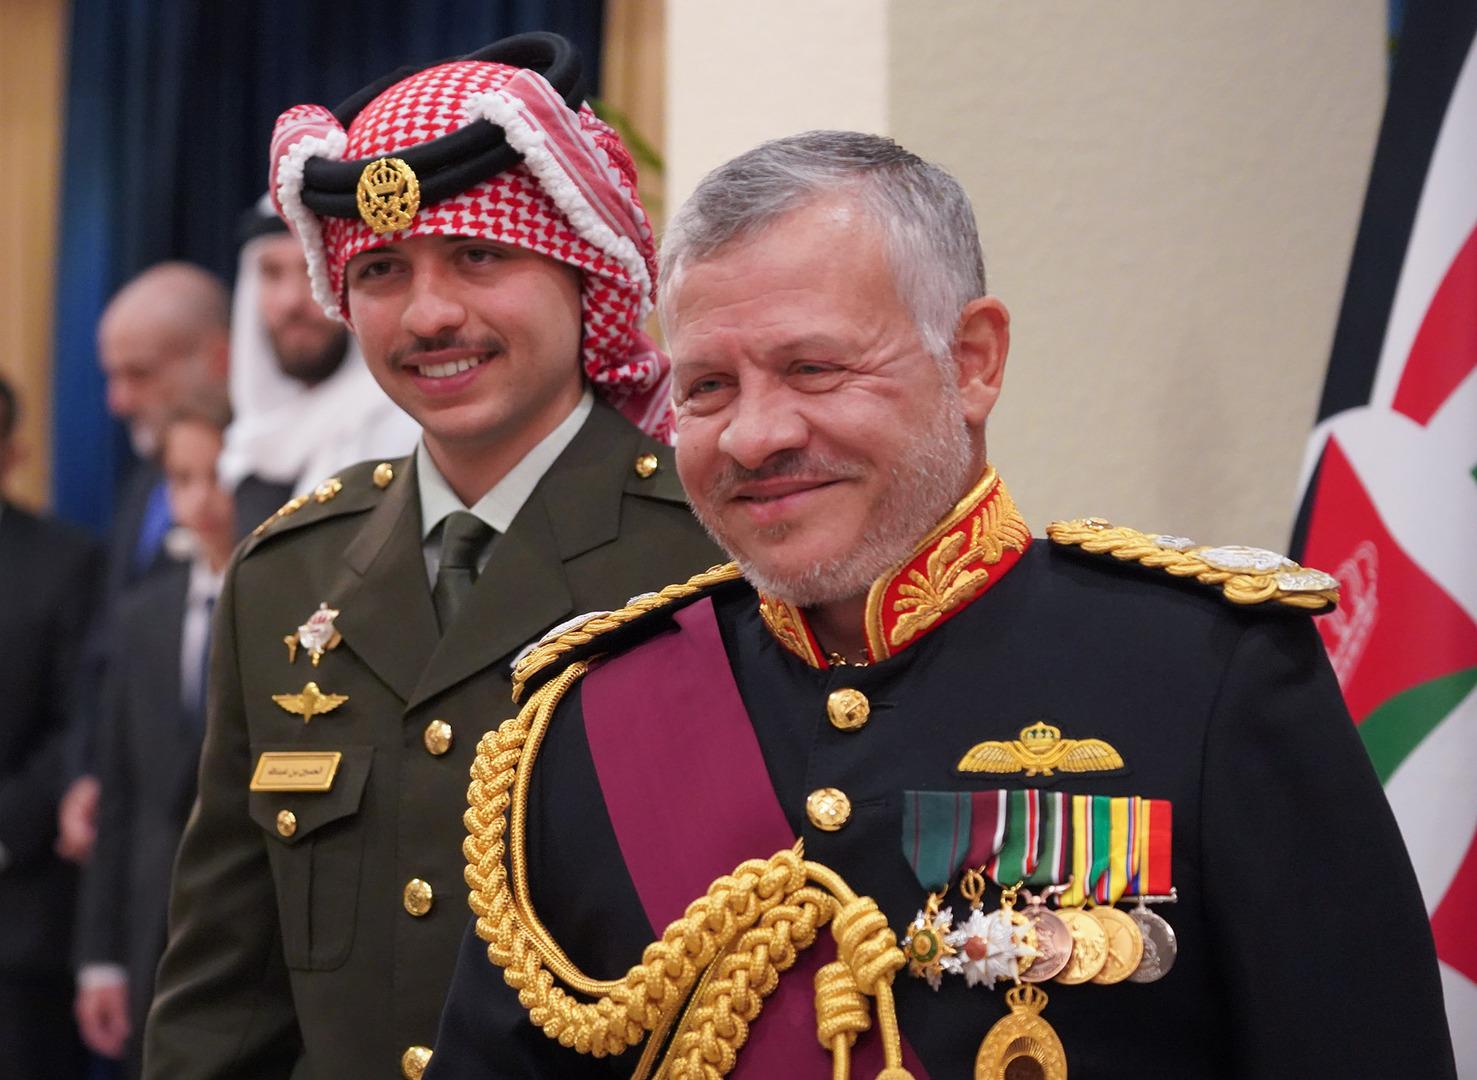 """ملك الأردن يهاتف فتاة حكم عليها بالسجن لقولها عبارة """"أبوي أحسن من الملك"""""""